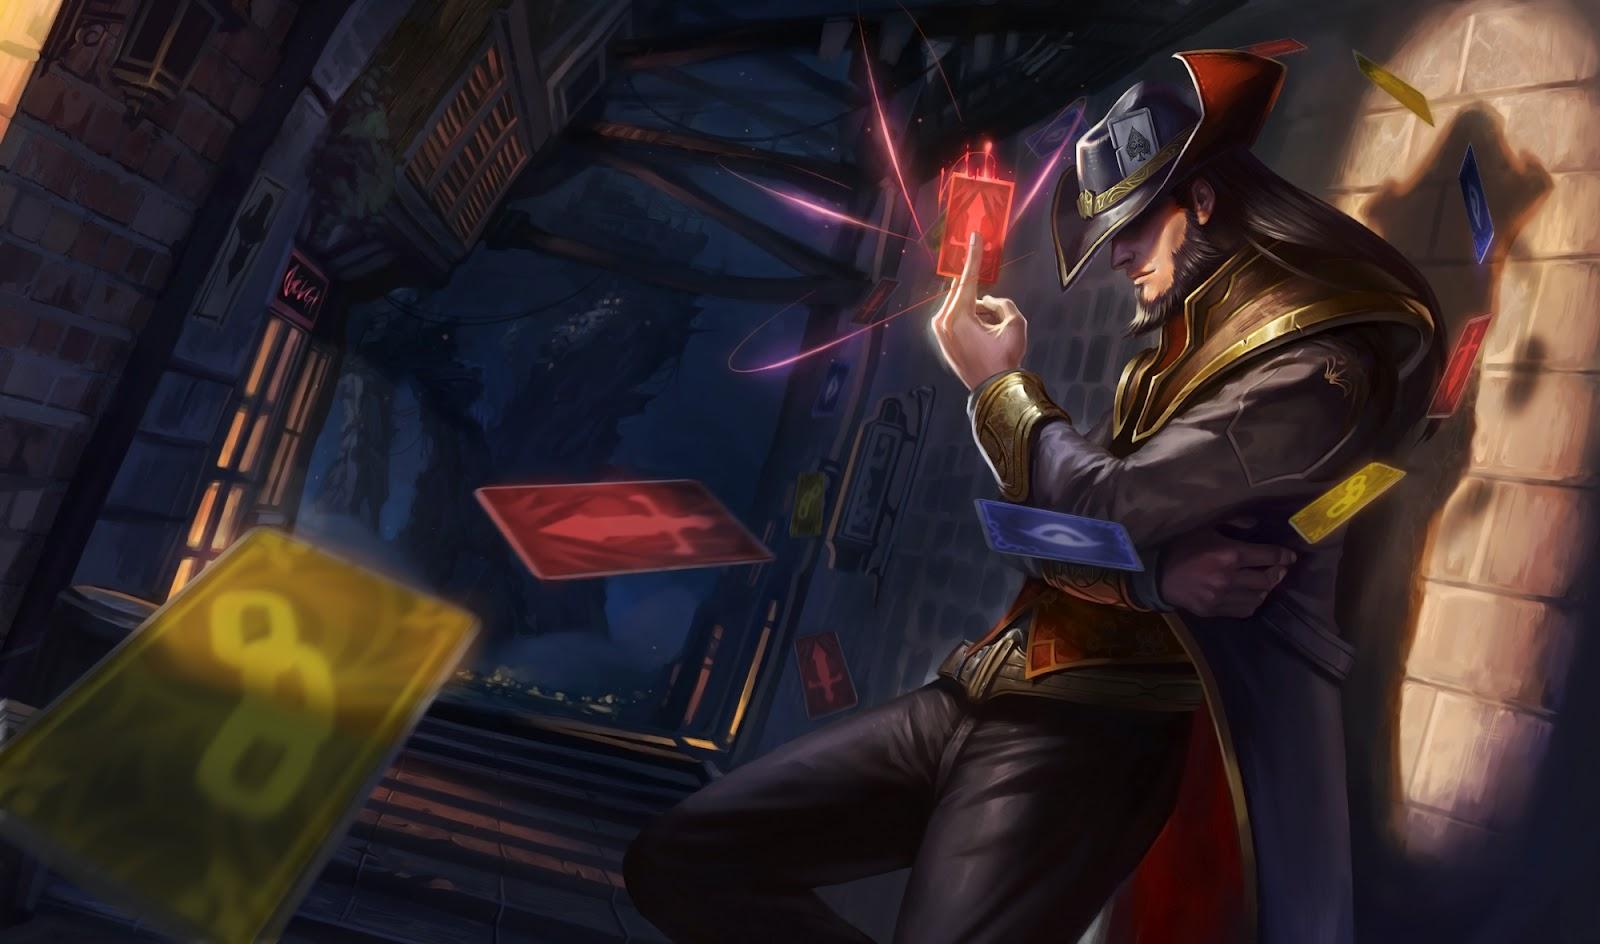 Professor layton lost future puzzle 28 slot machine gun